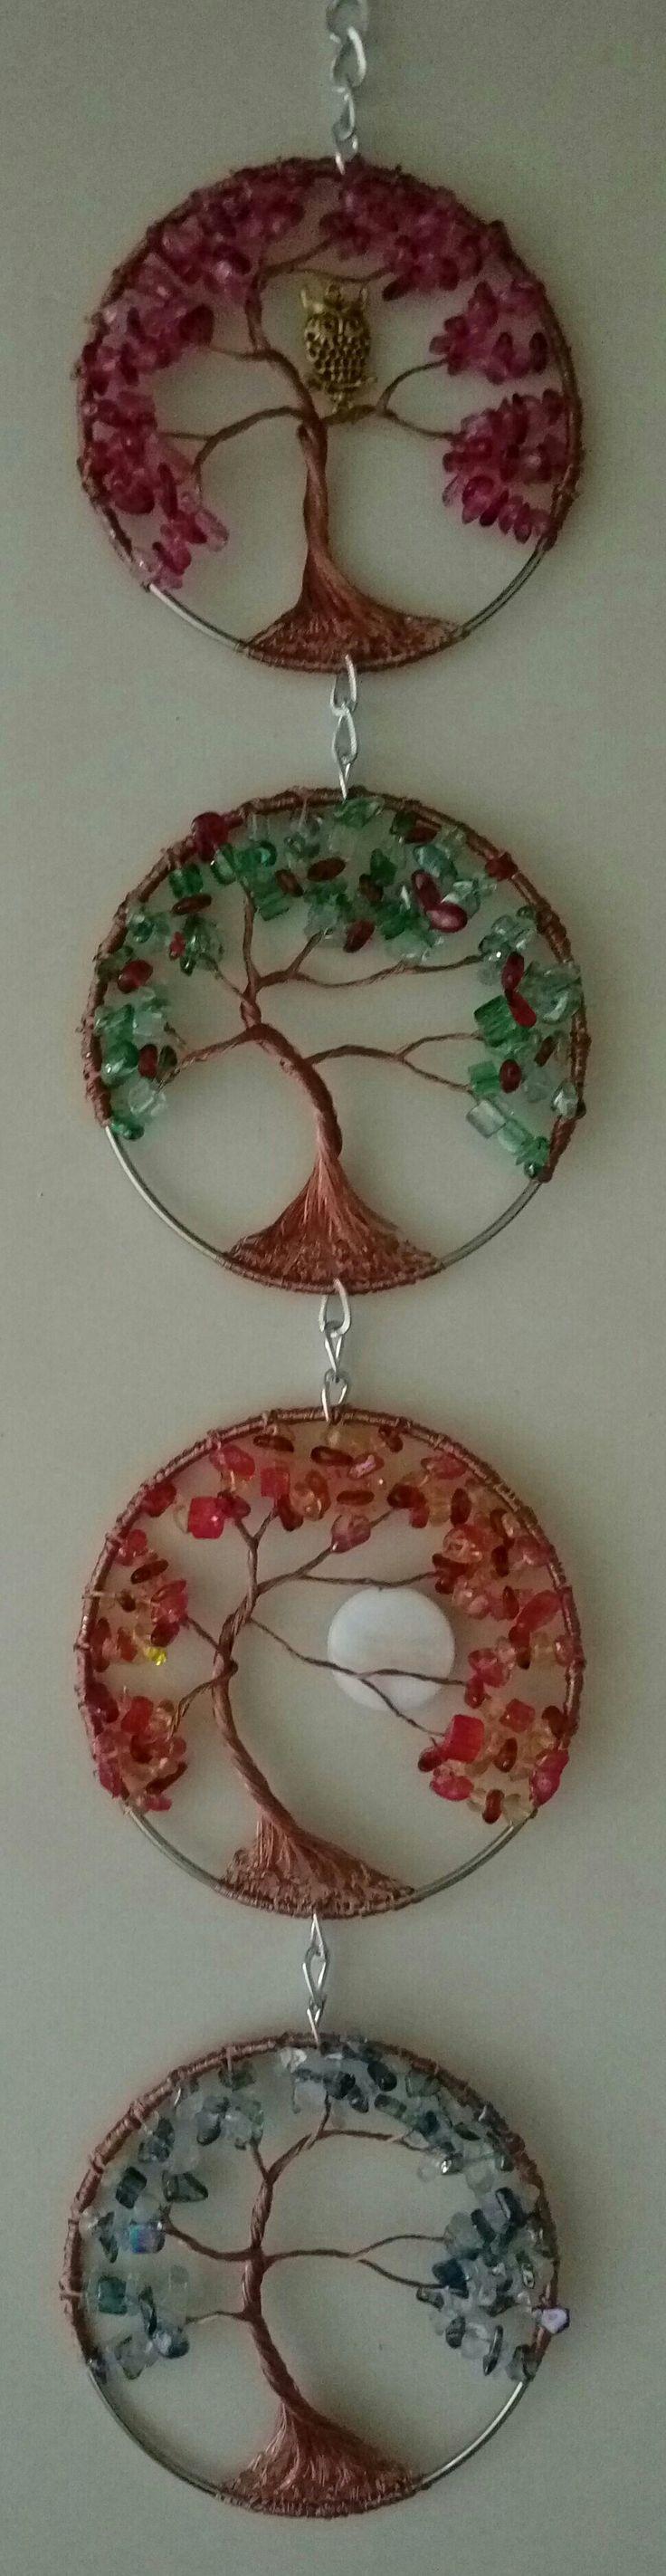 Stiff wire for crafts - 4 Season Wire Tree More